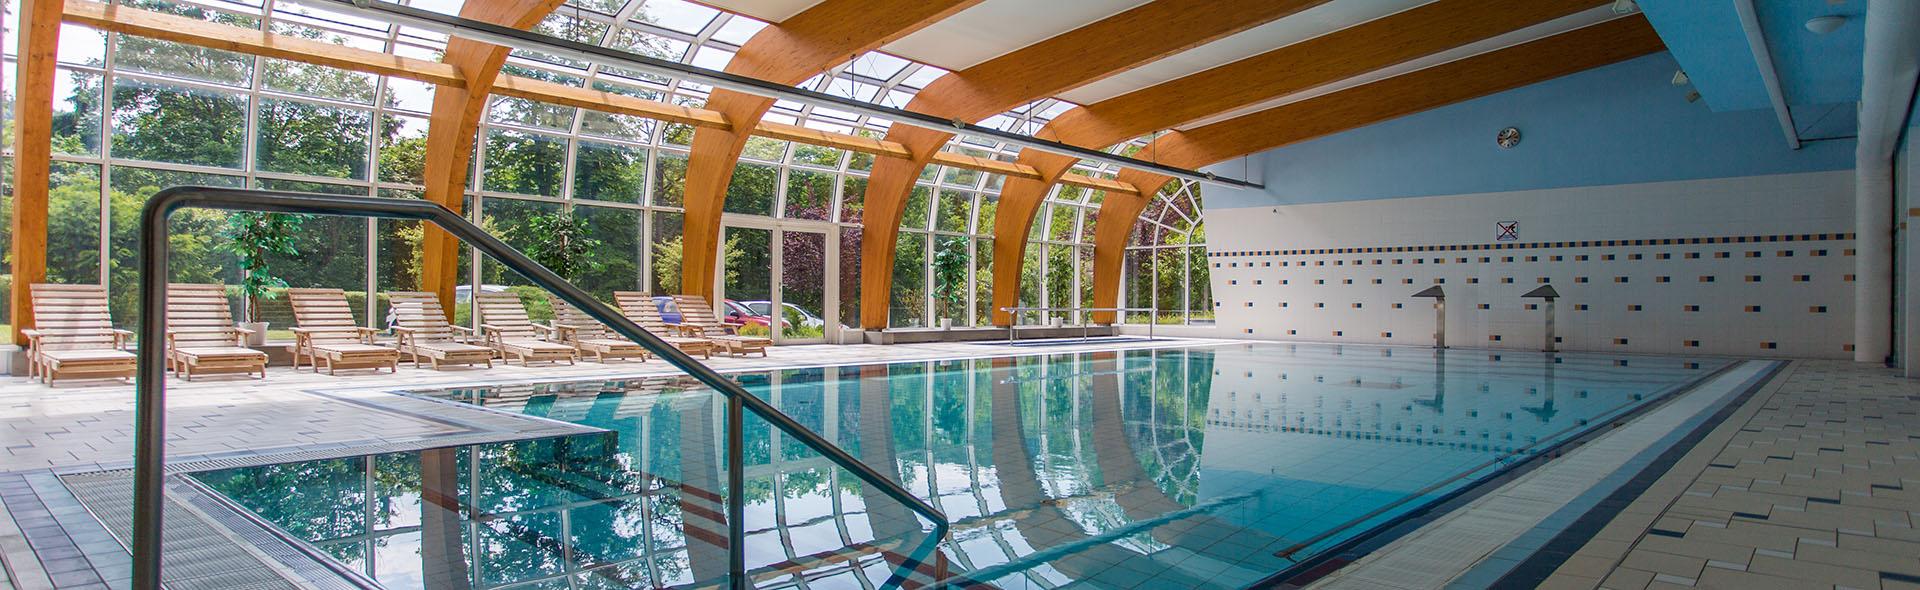 Vnitřní a venkovní bazény